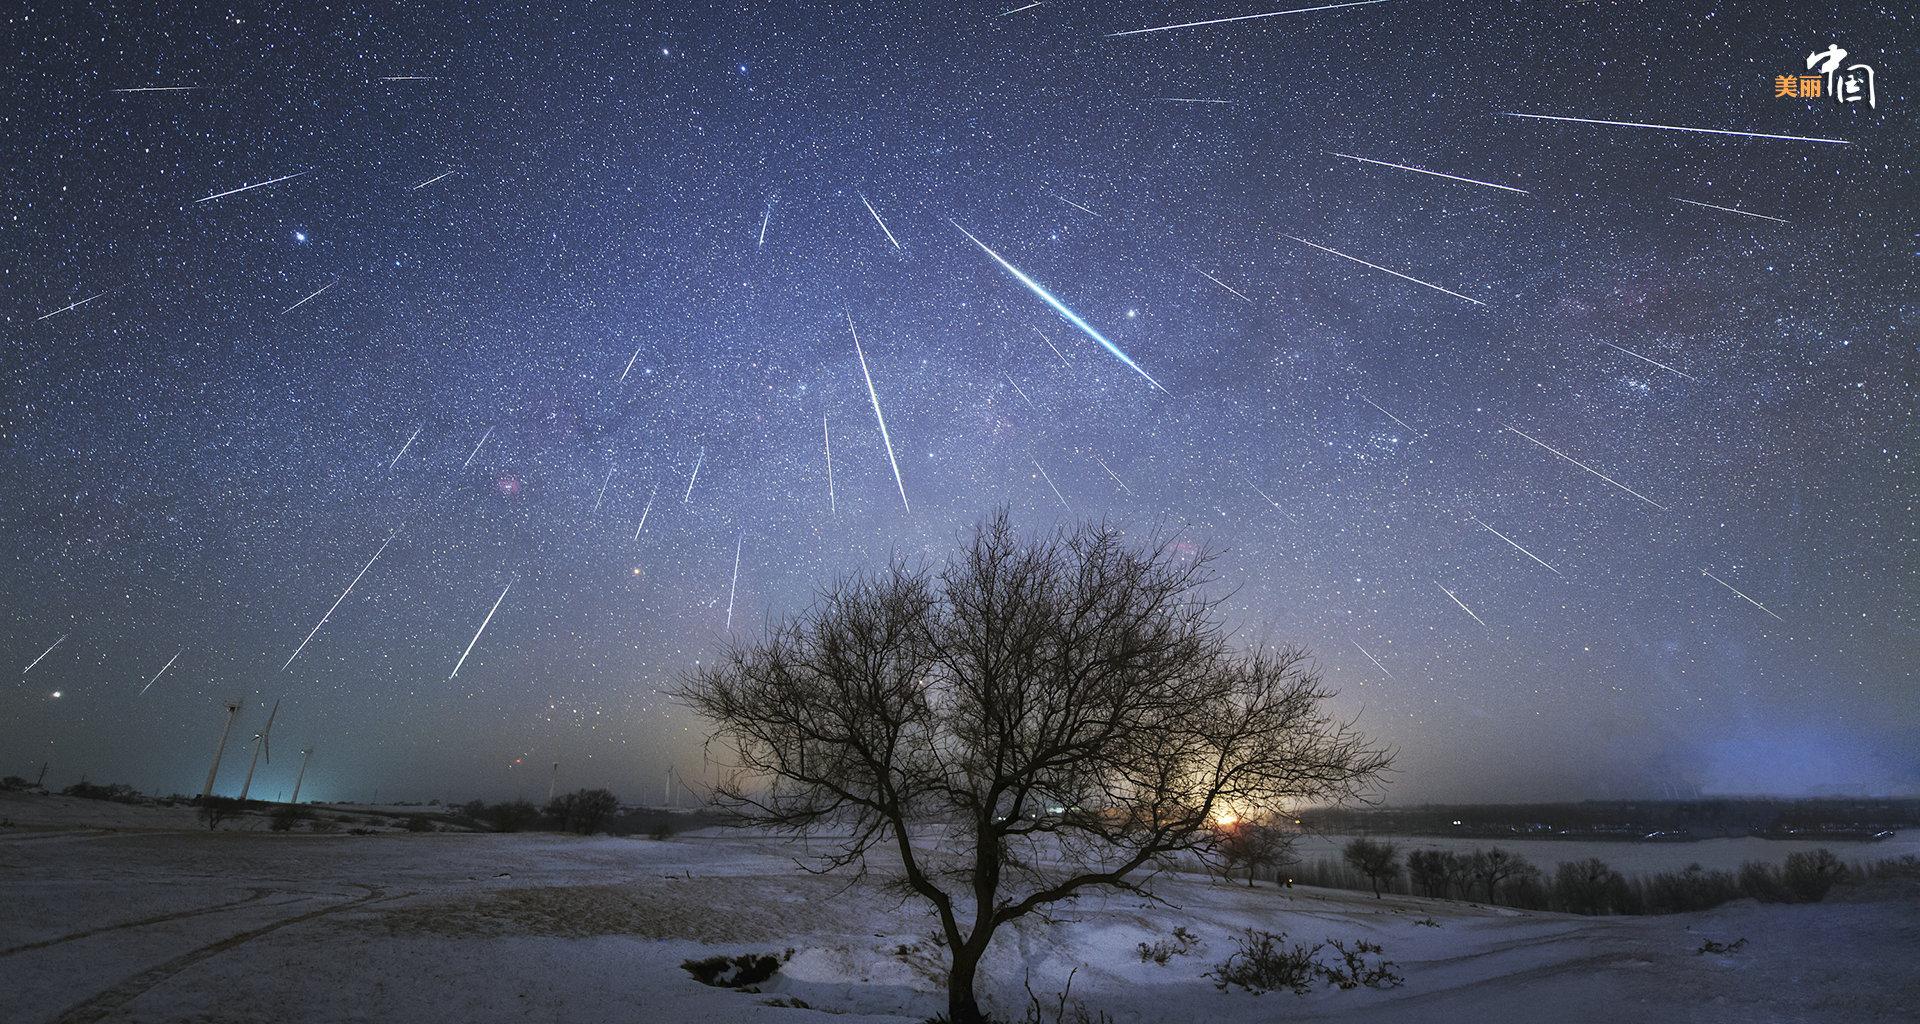 夜空星星闪烁素材